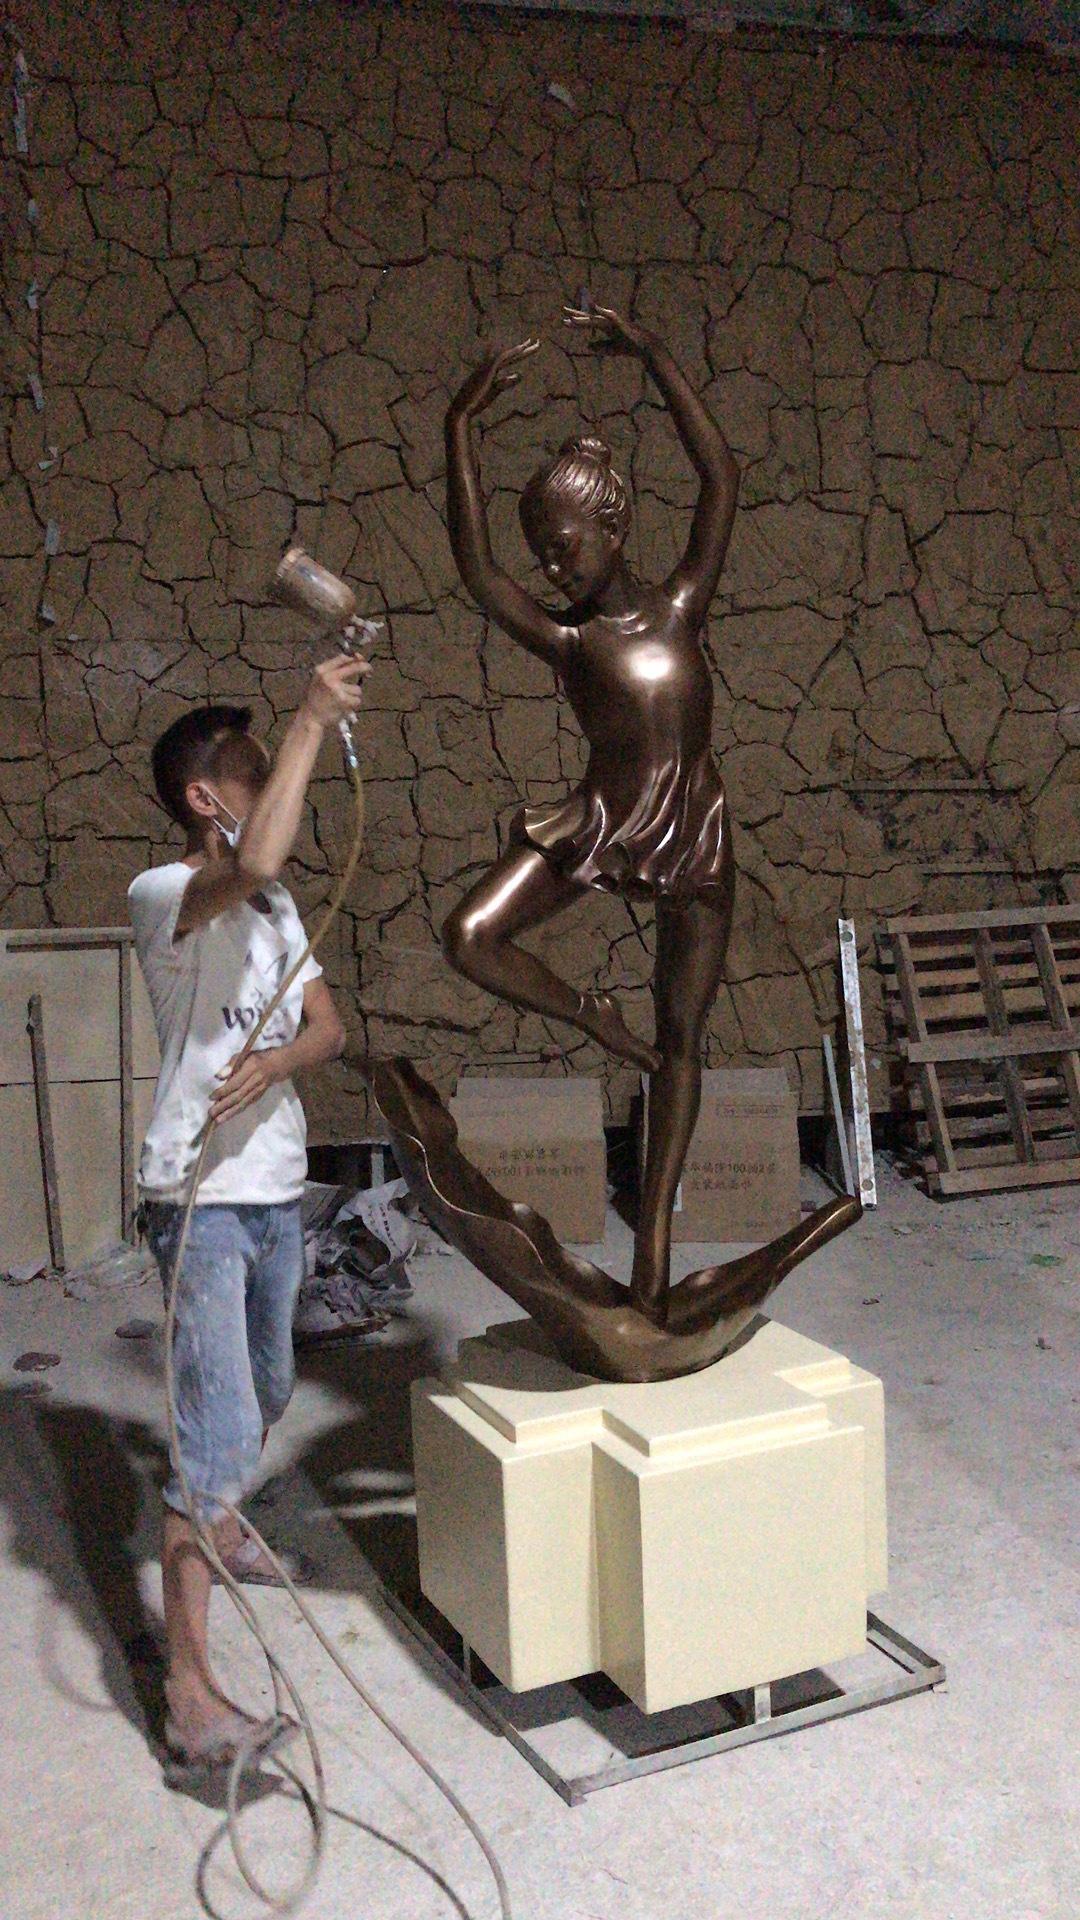 舞蹈人物雕塑玻璃鑄銅雕塑4